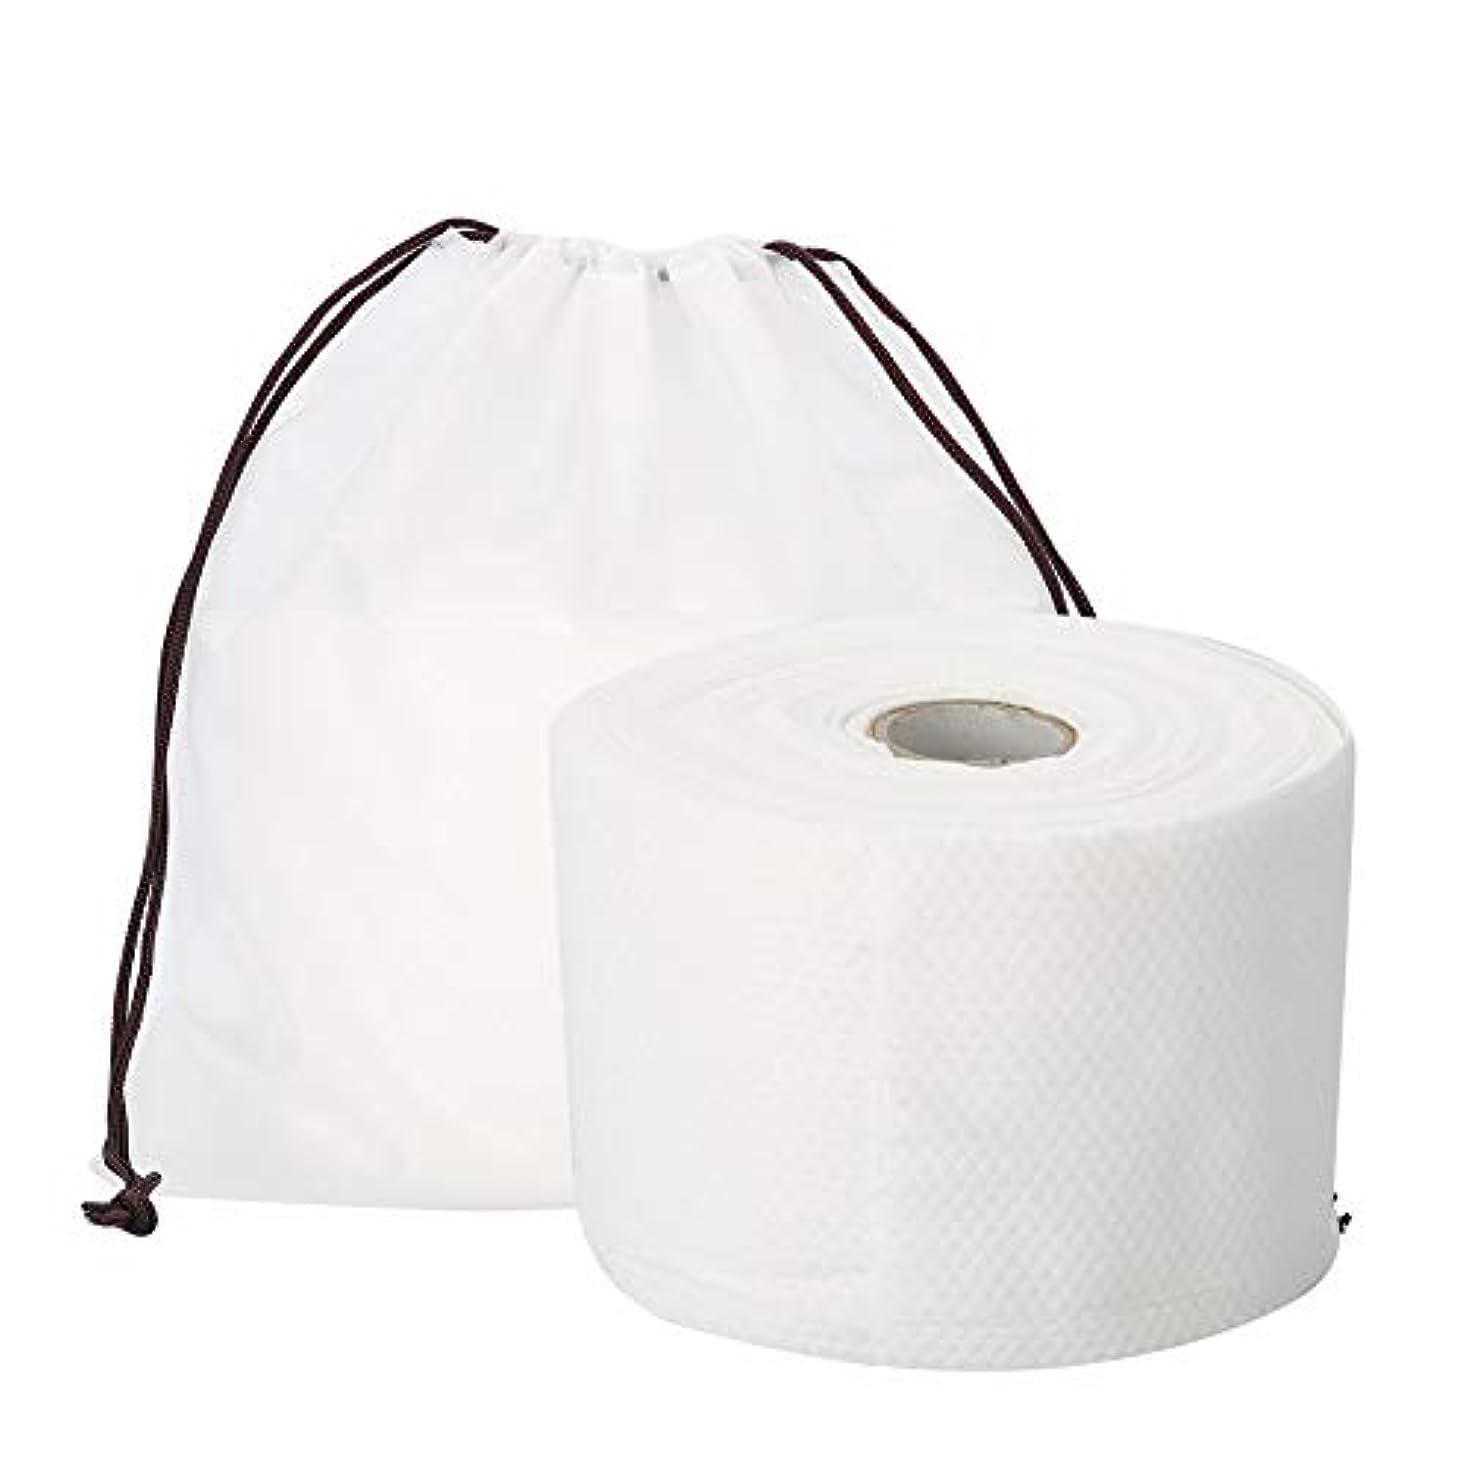 フェザー創傷発生器Semmeの使い捨て可能なクリーニングのフェイスタオル、毛羽立ちのない綿パッドの構造使い捨て可能なフェイスタオルの柔らかいNonwovenのクリーニングの化粧品の綿パッド25m